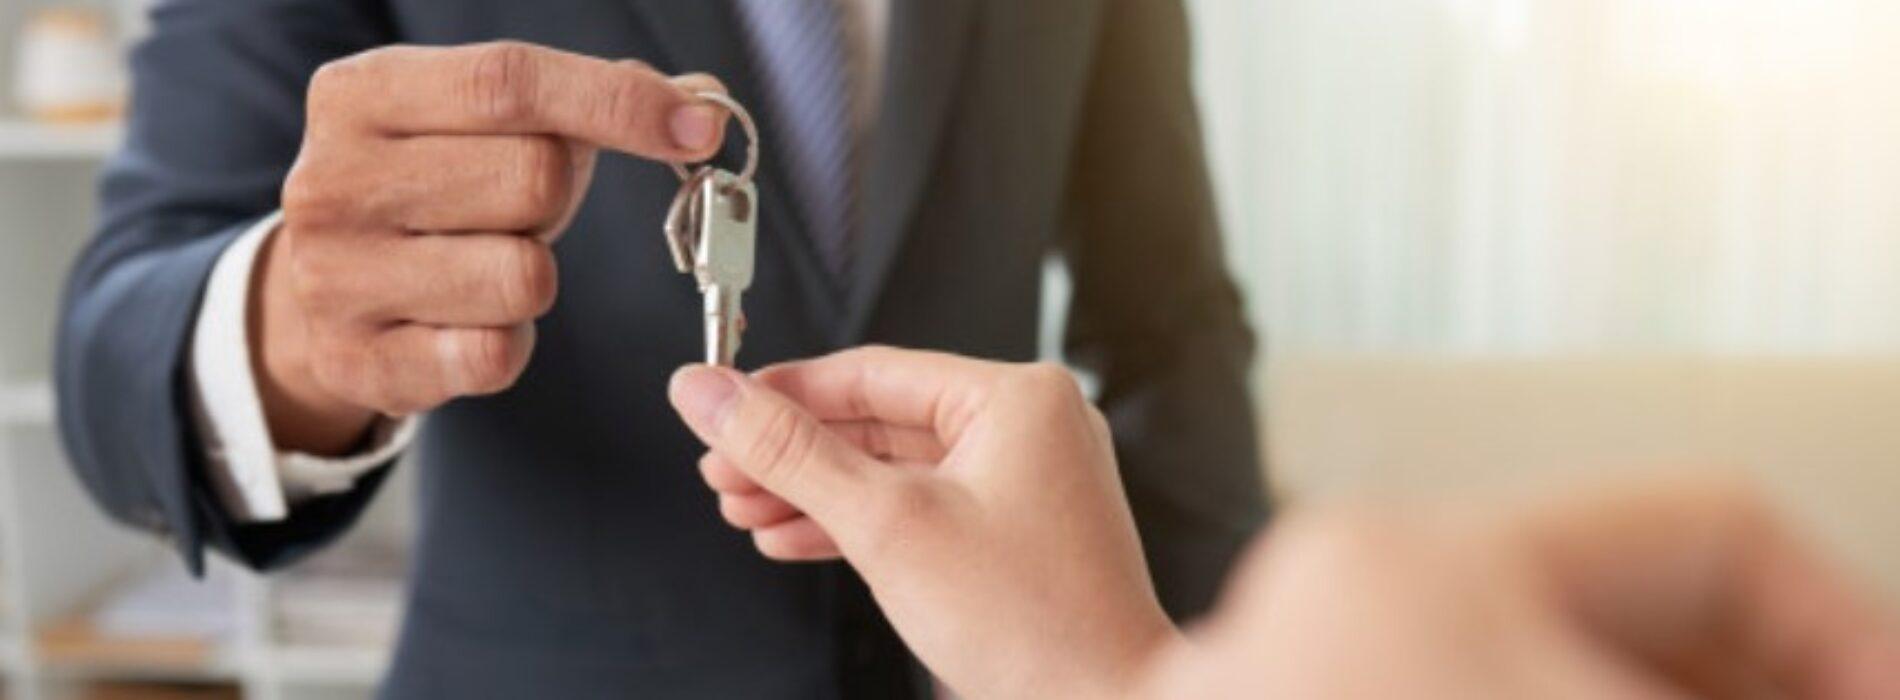 Najem prywatny a podatek od wynajmu mieszkania 2021